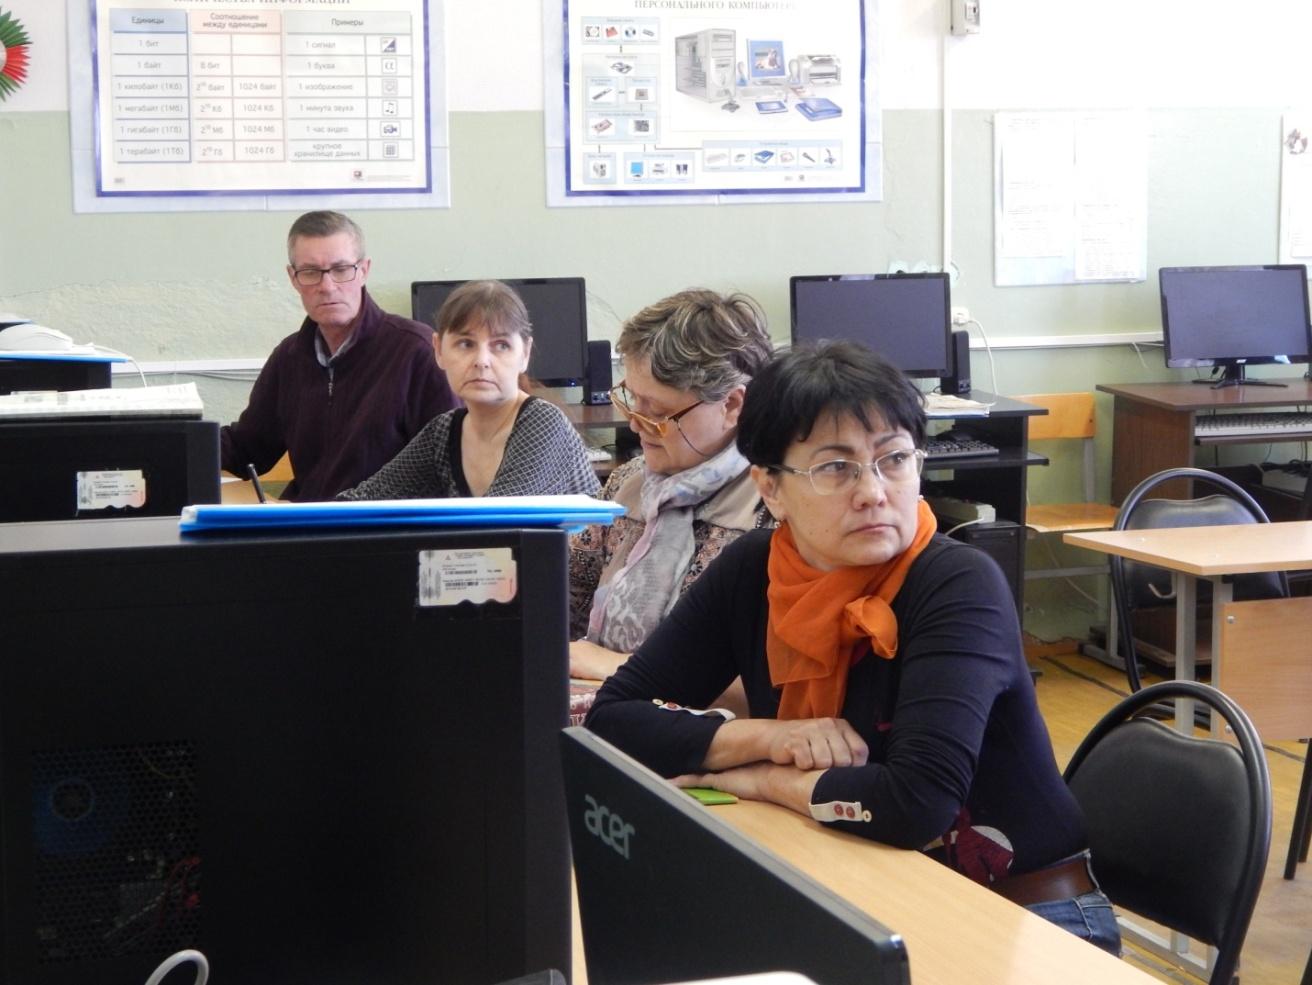 Знаешь жизнь и много можешь: для жителей Тверской области старше 50 лет открываются новые возможности